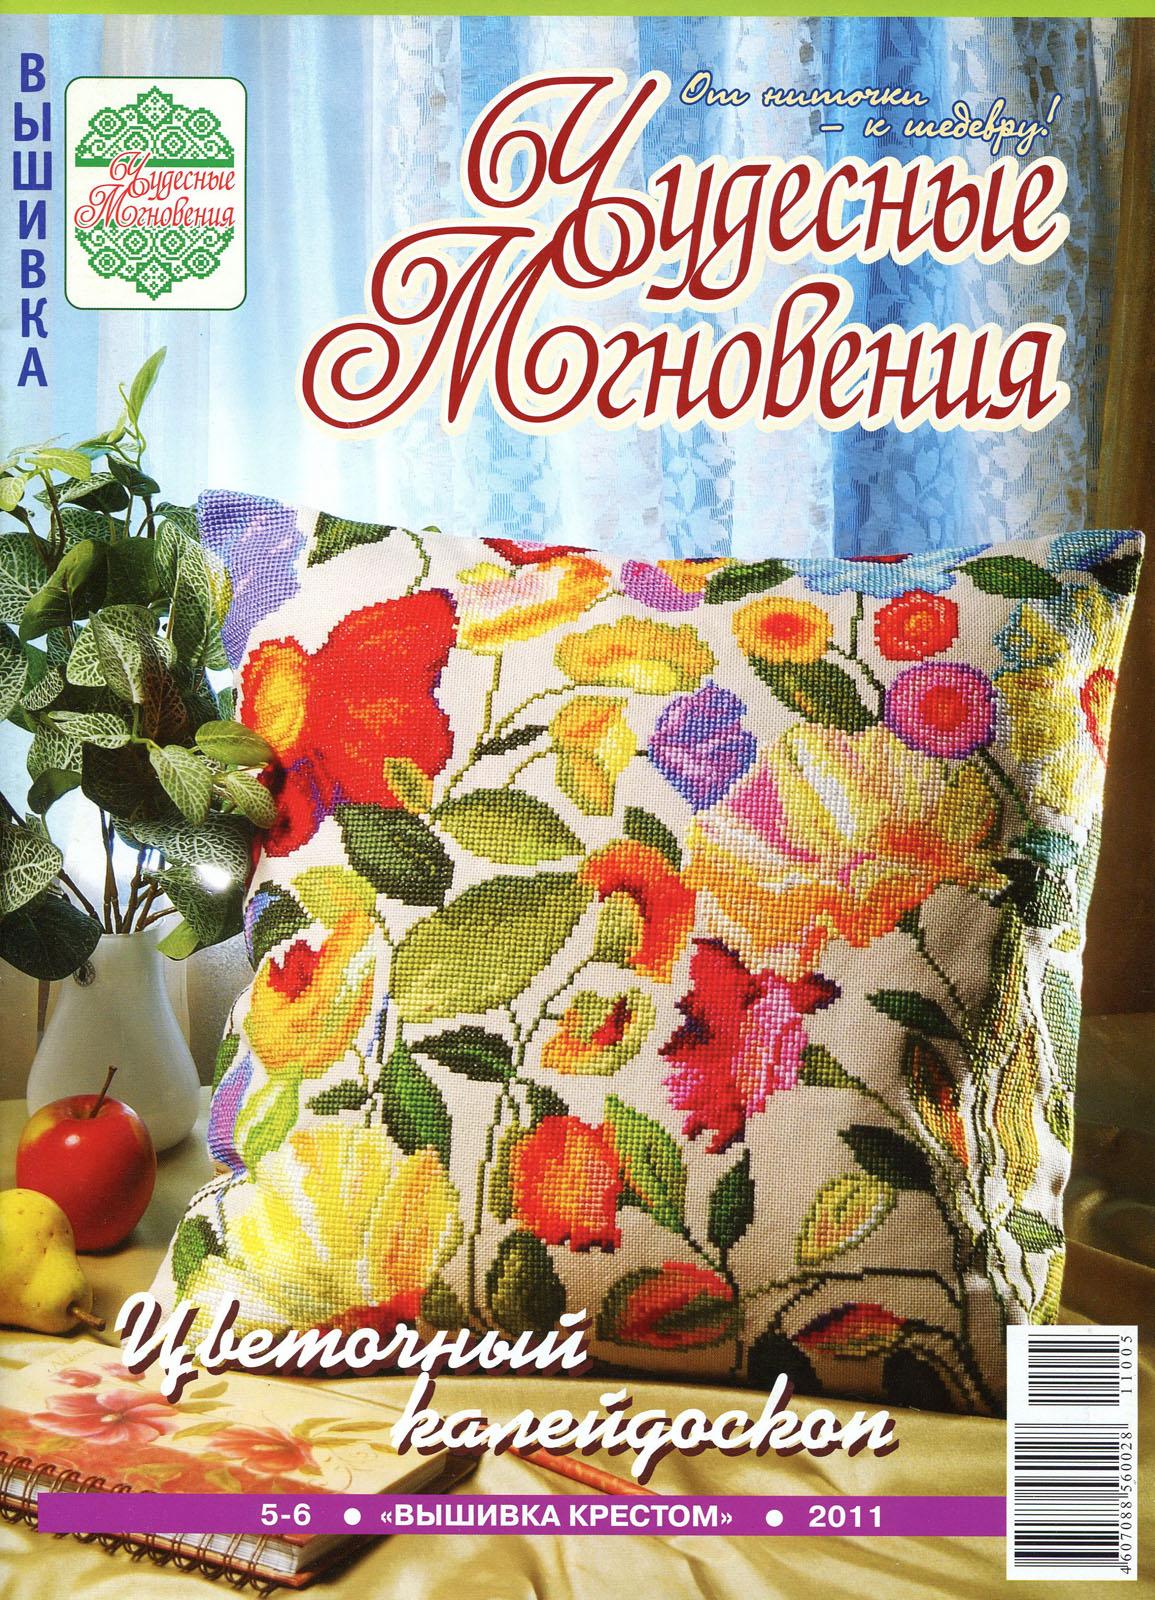 Подписка на журнал чудесные мгновения вышивка крестом